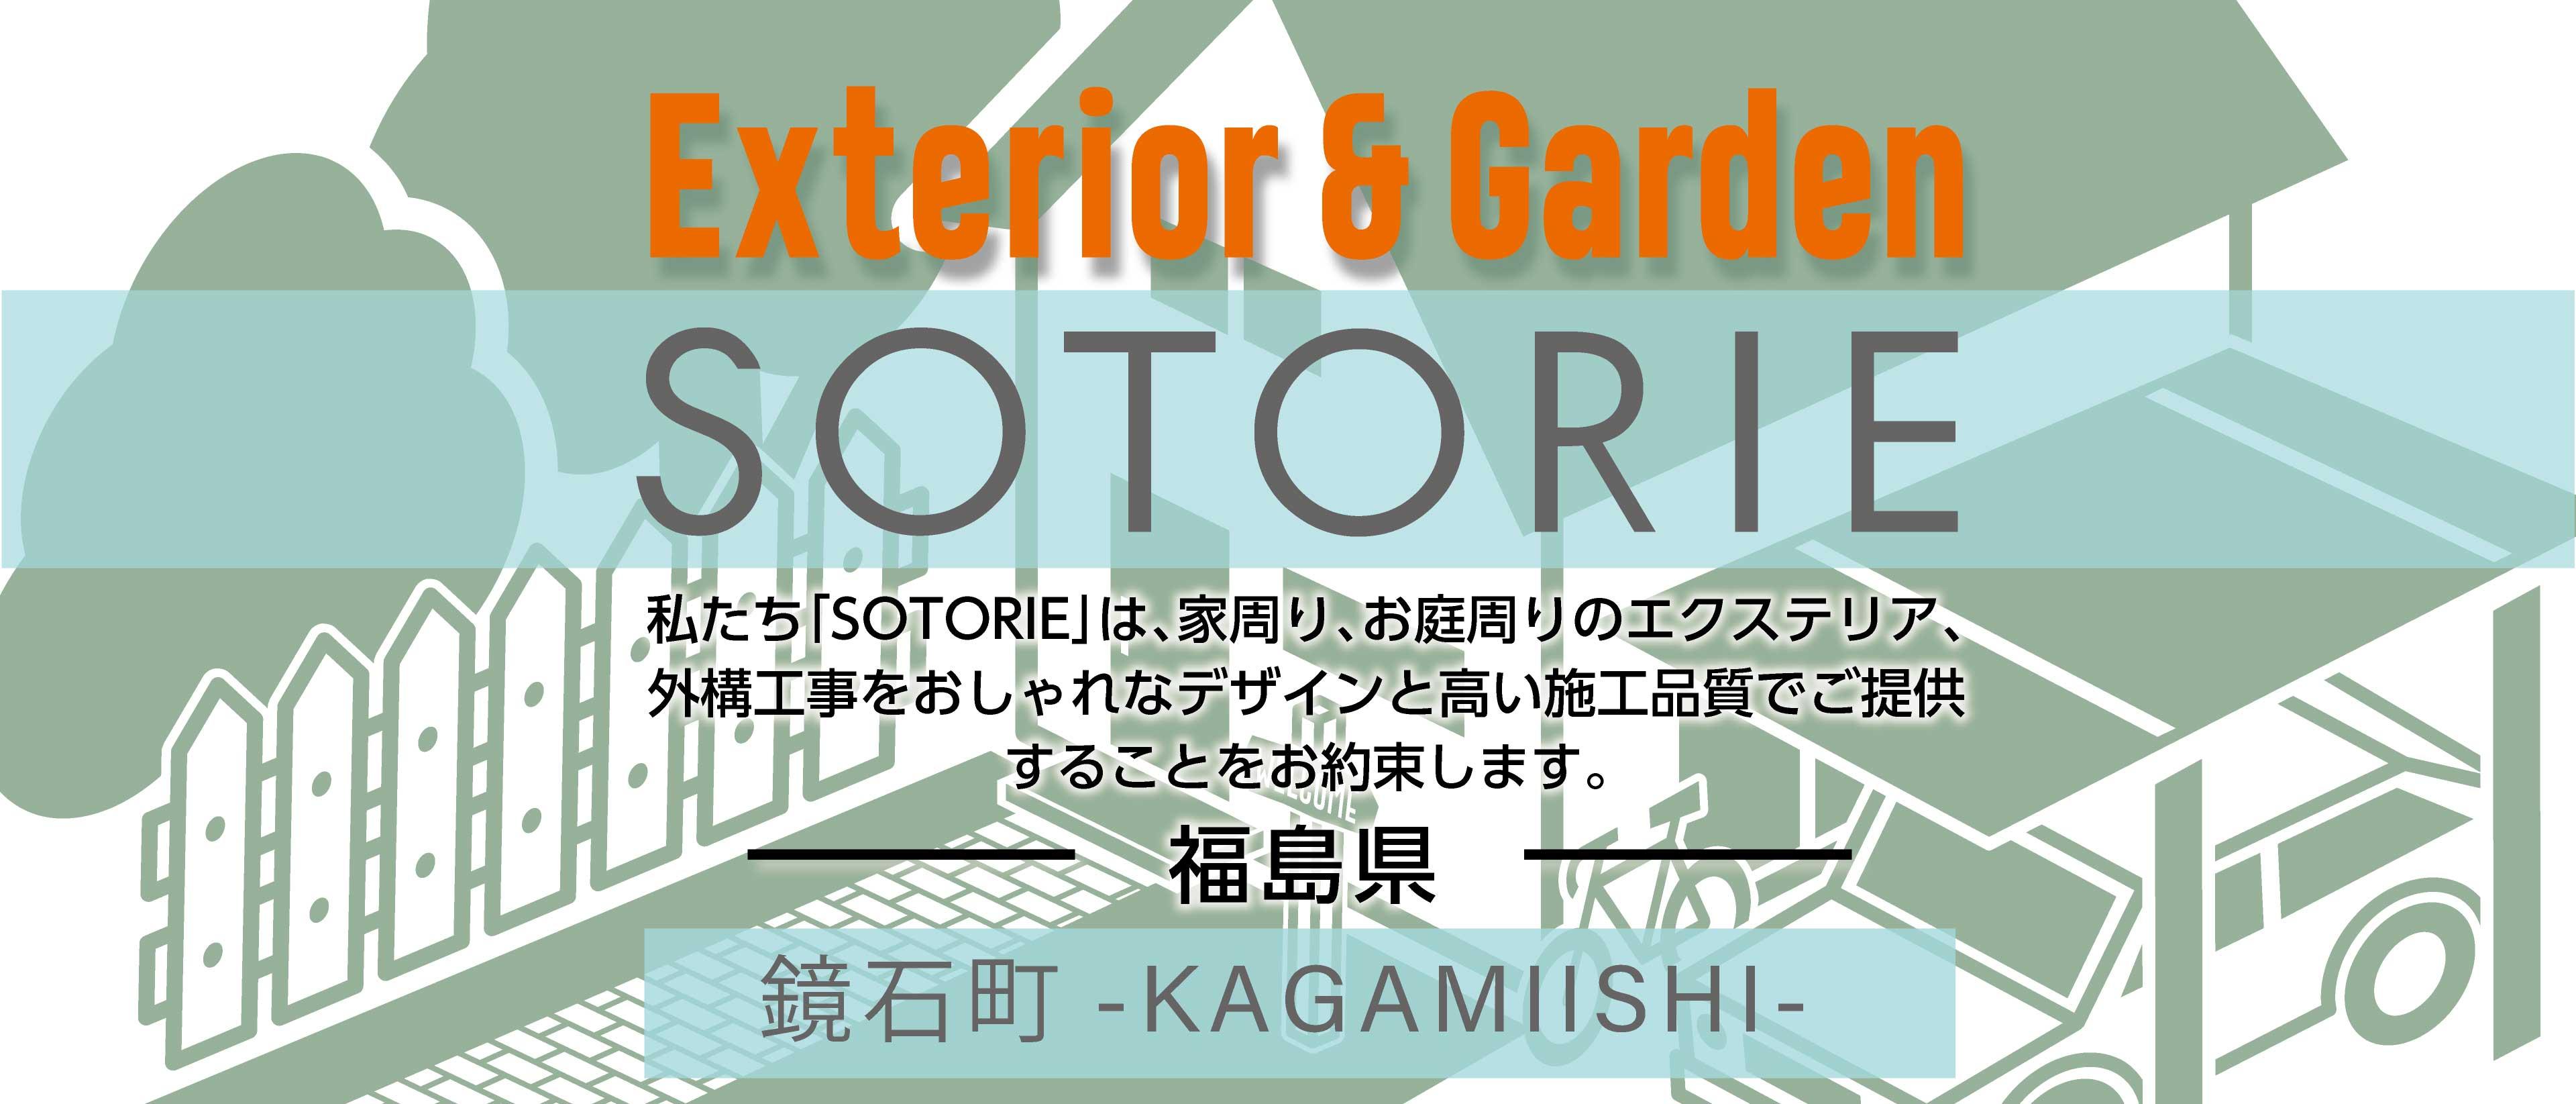 ソトリエ鏡石町では、家周りと庭周りの外構、エクステリア工事をおしゃれなデザインと高い施工品質でご提供することをお約束します。